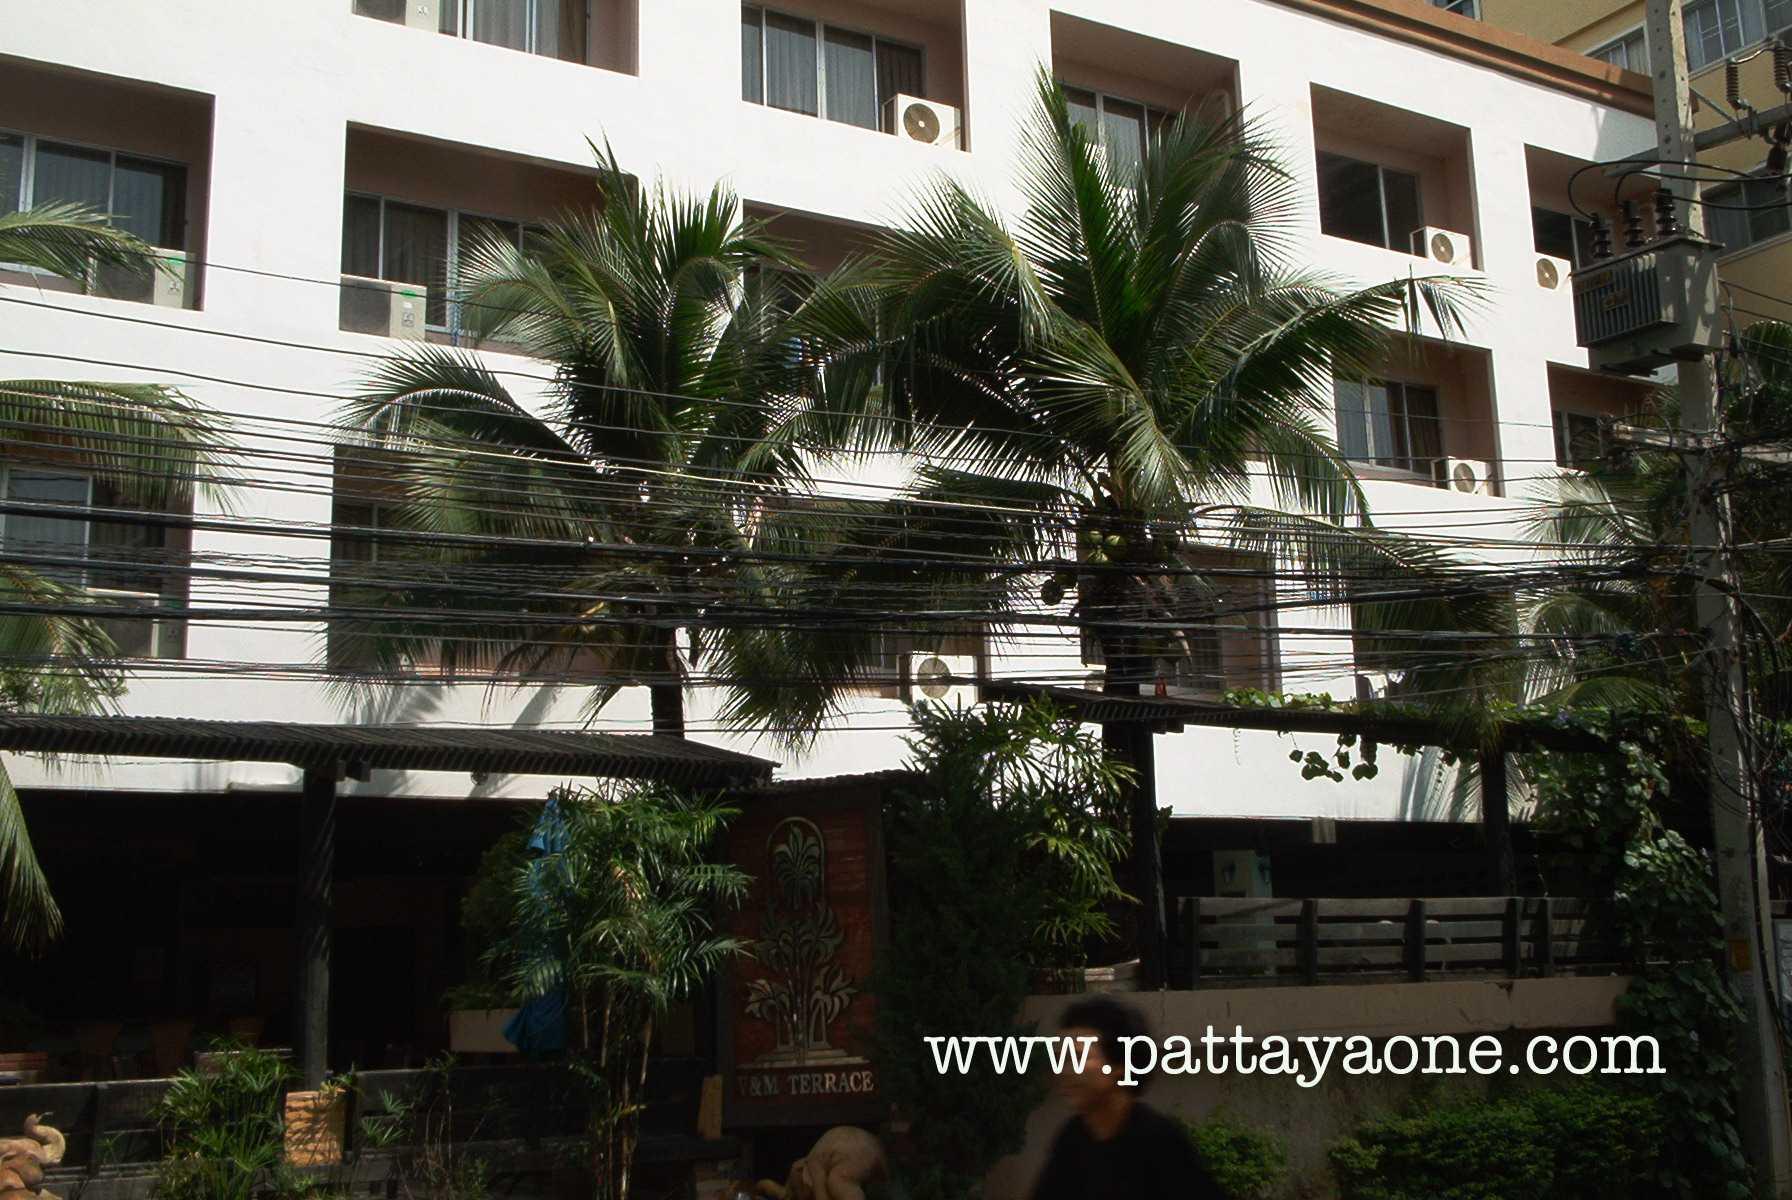 Www Pattaya Vc Hotel Th